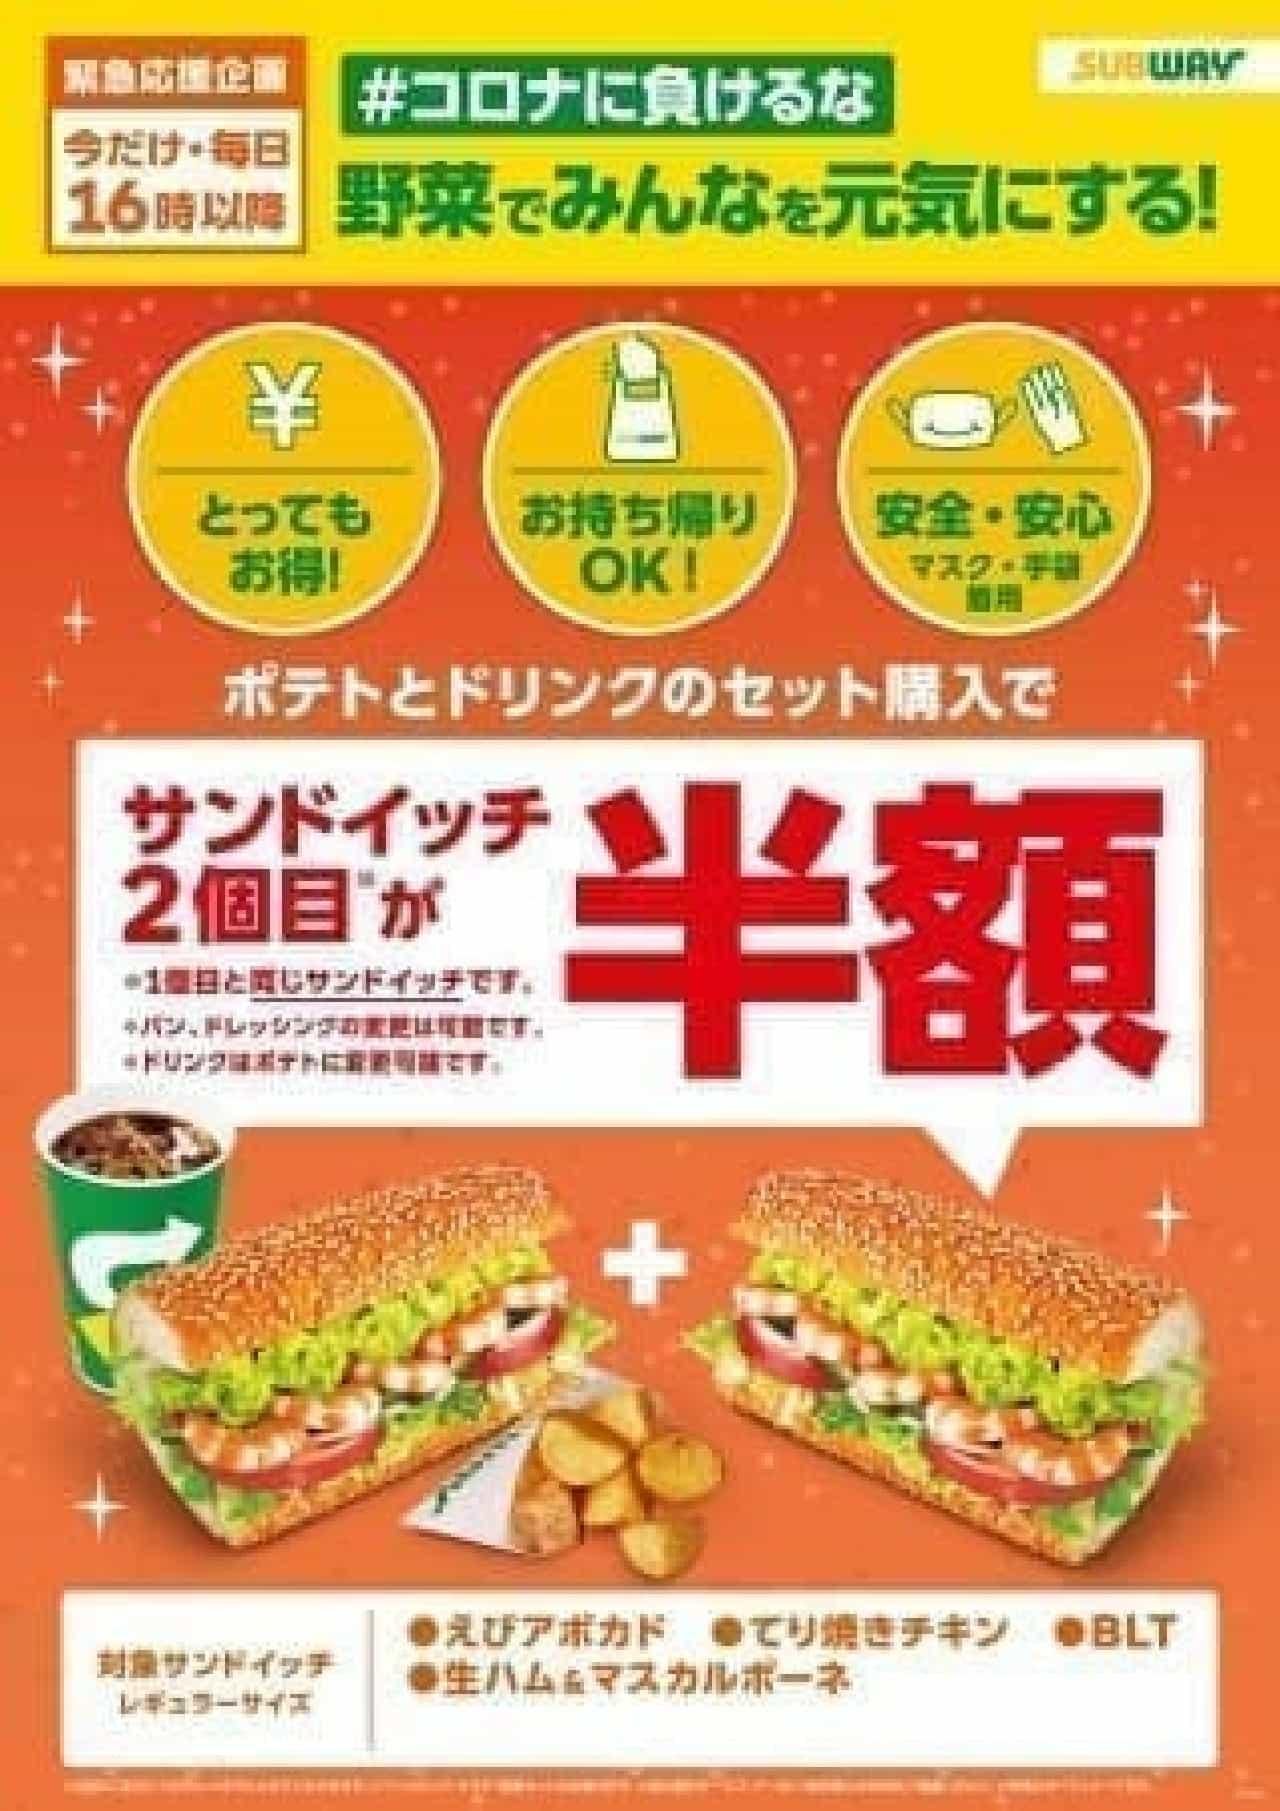 サブウェイ「サンドイッチ2個目半額」キャンペーン